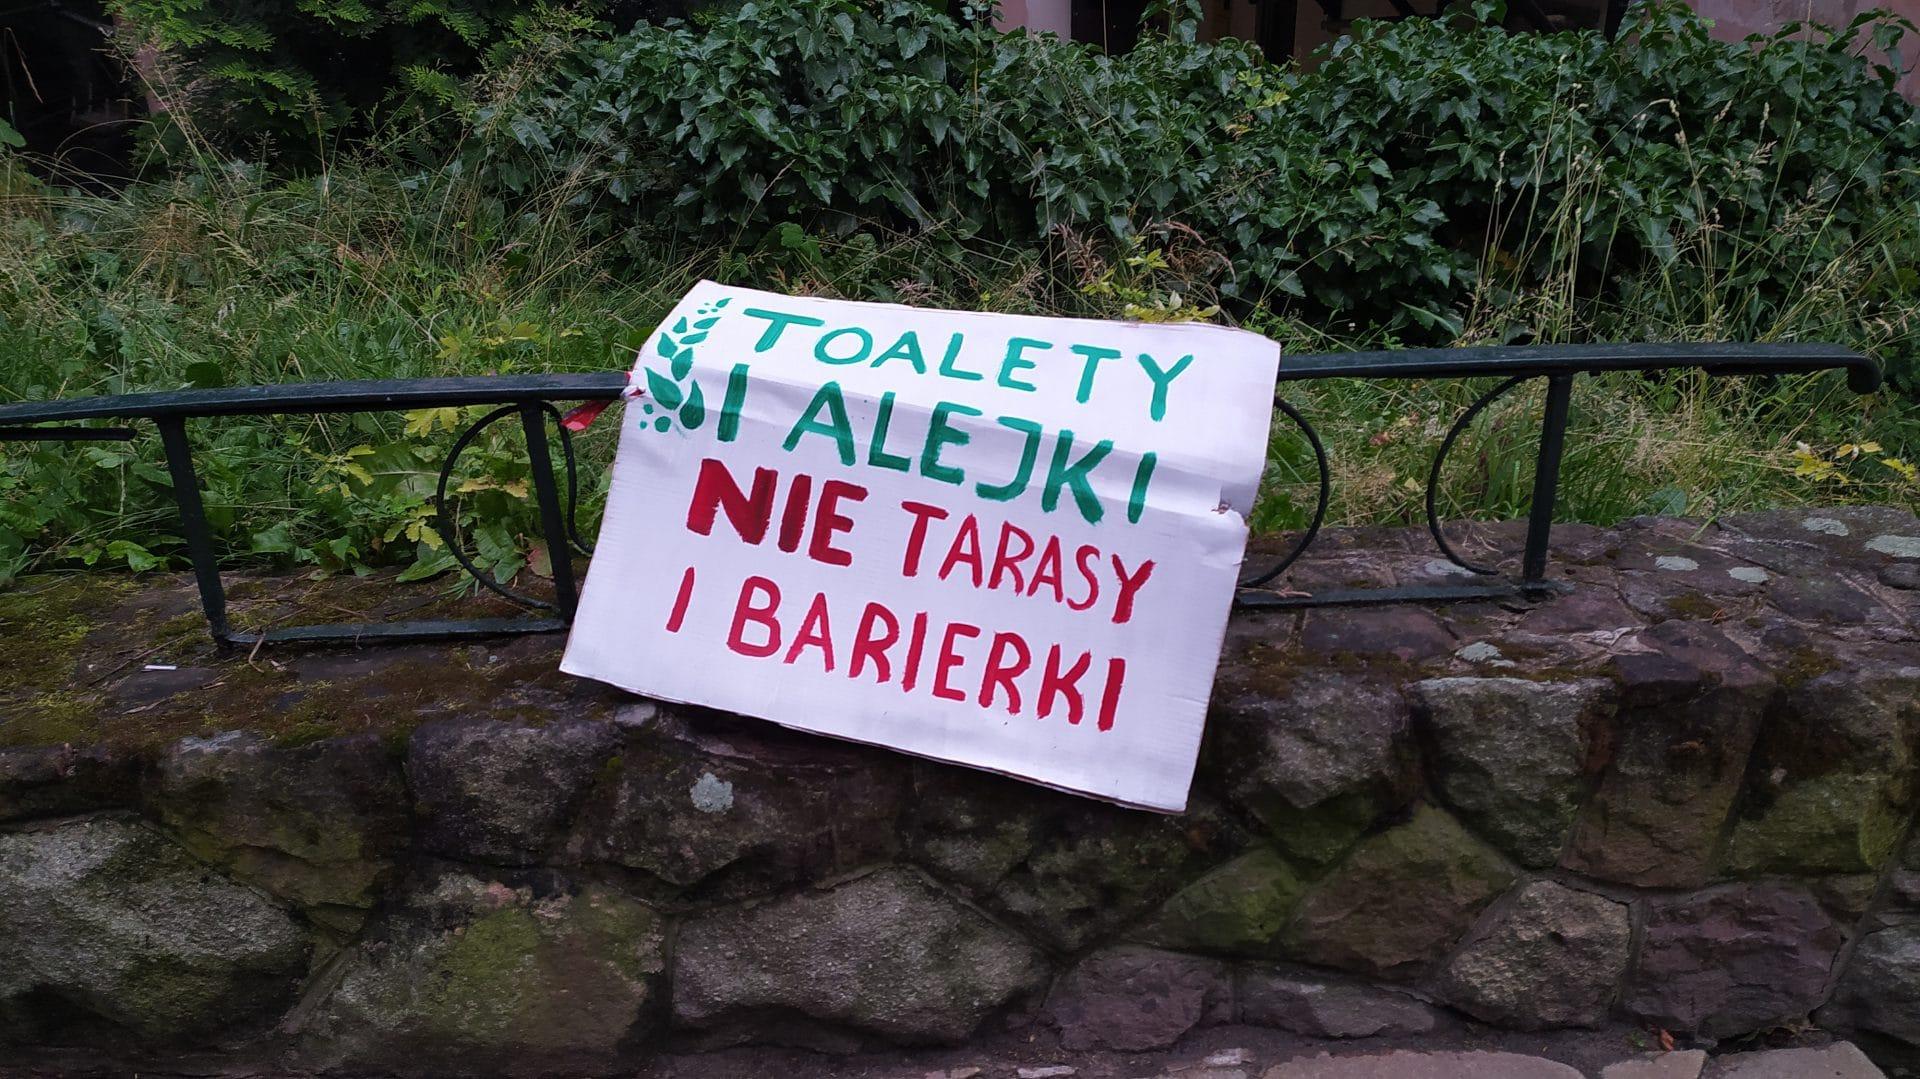 Toalety Alejki Park Bednarskiego